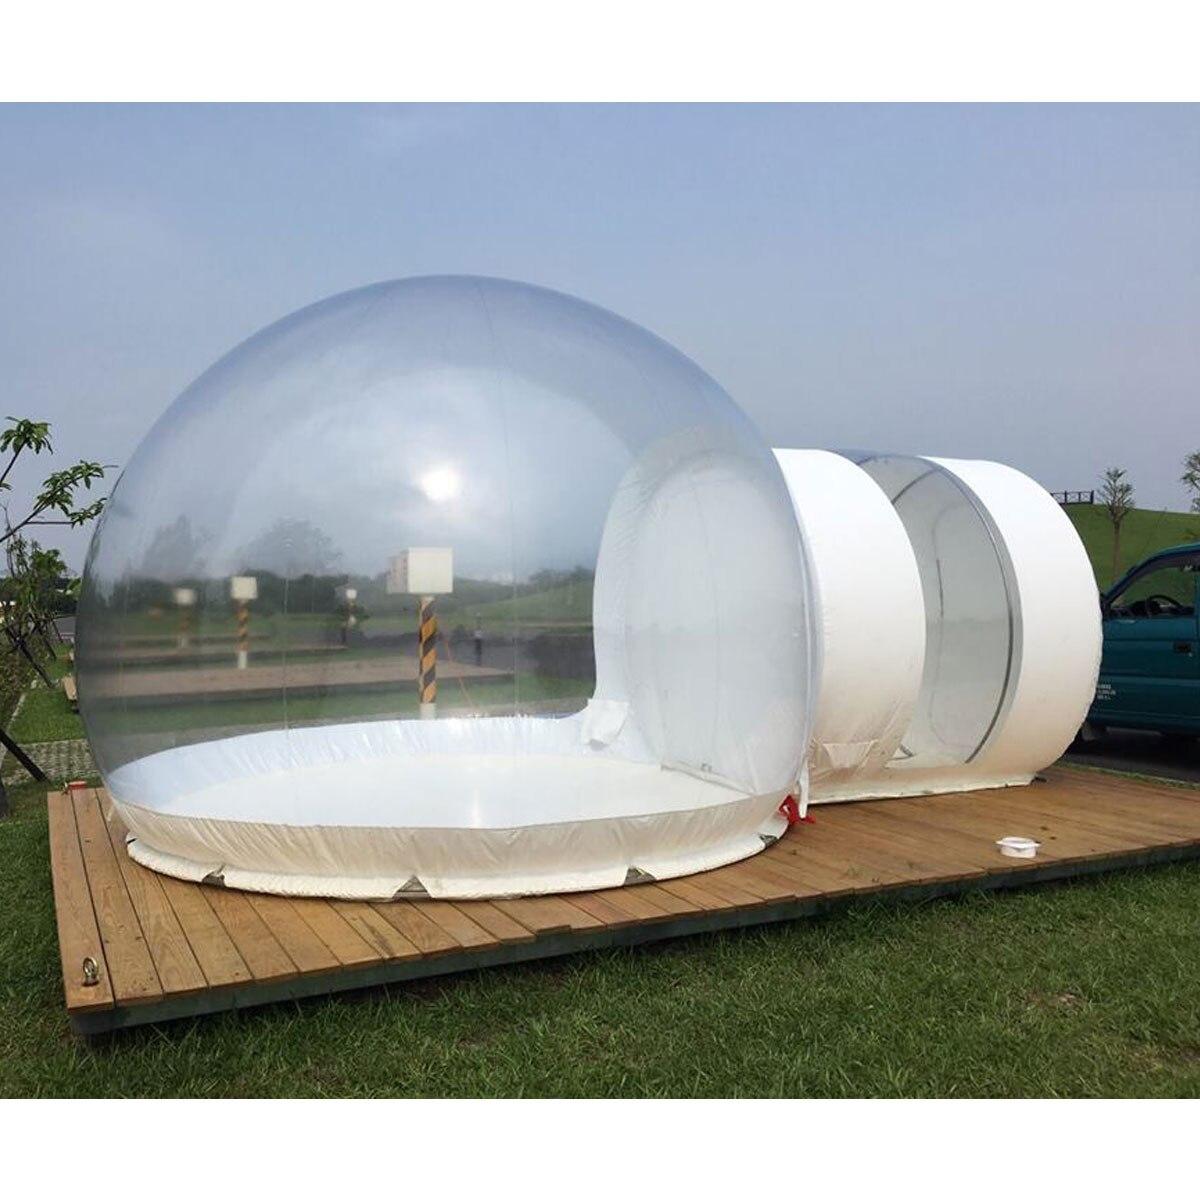 SGODDE Gonflable Eco Tente de Maison BRICOLAGE Maison De Dôme De Luxe Camping Cabane Lodge Bulle D'air